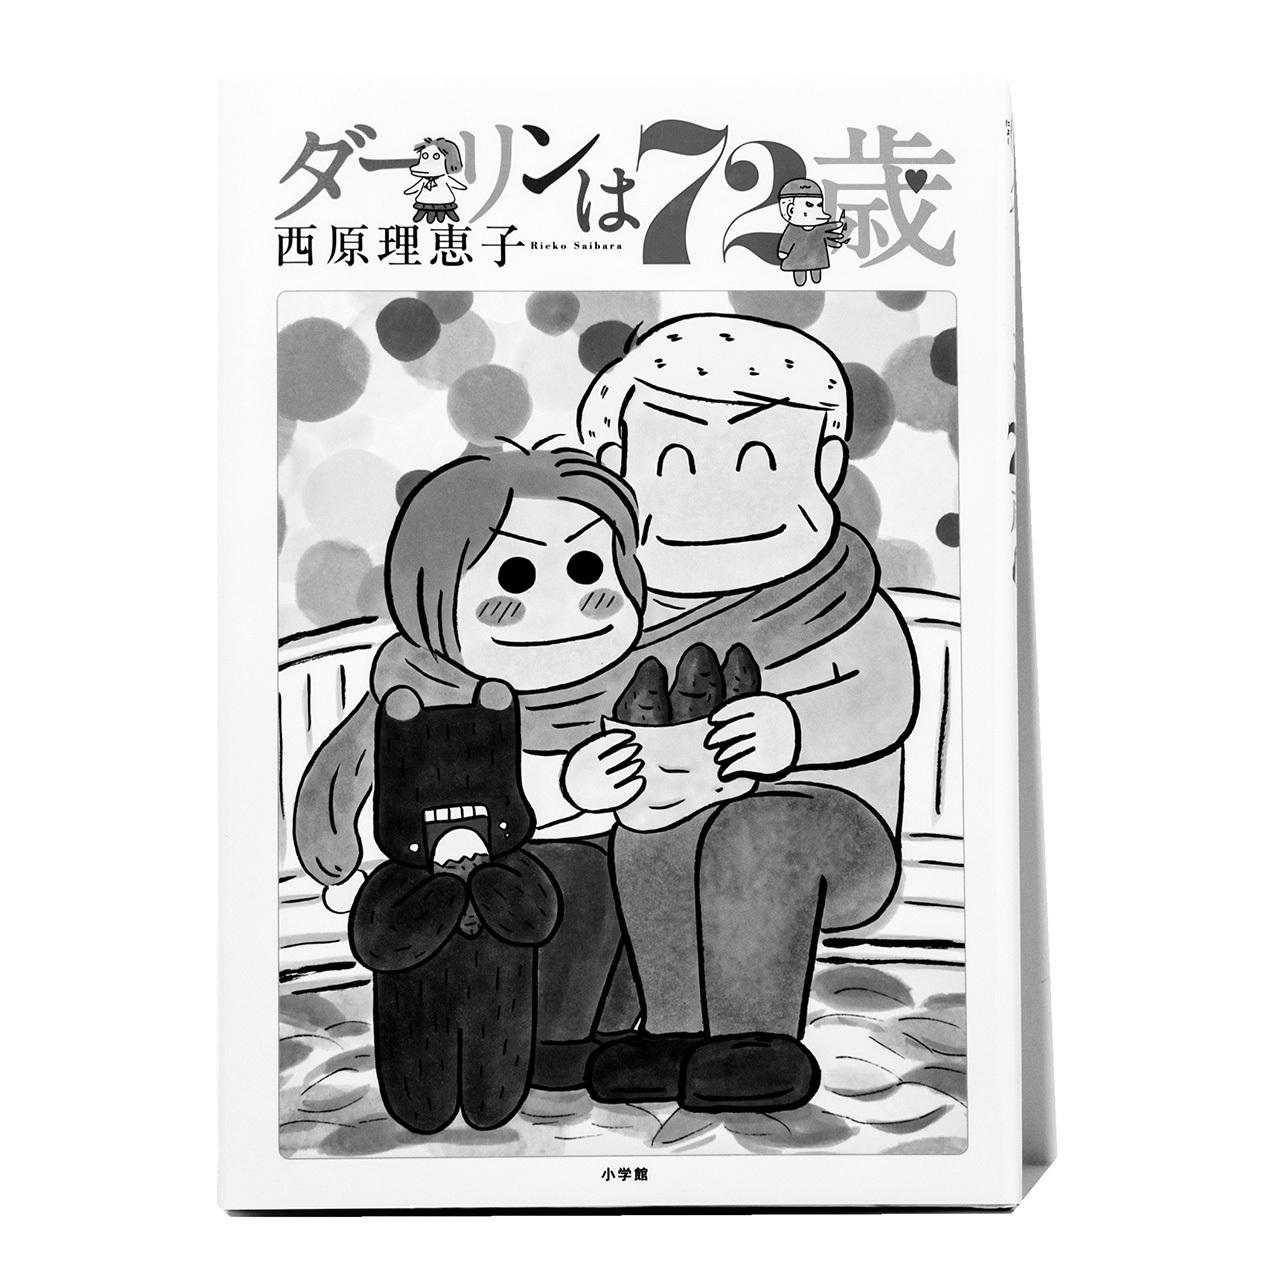 漫画LOVERが本気で選ぶ!笑って泣ける、コミックエッセイ 五選_1_1-3